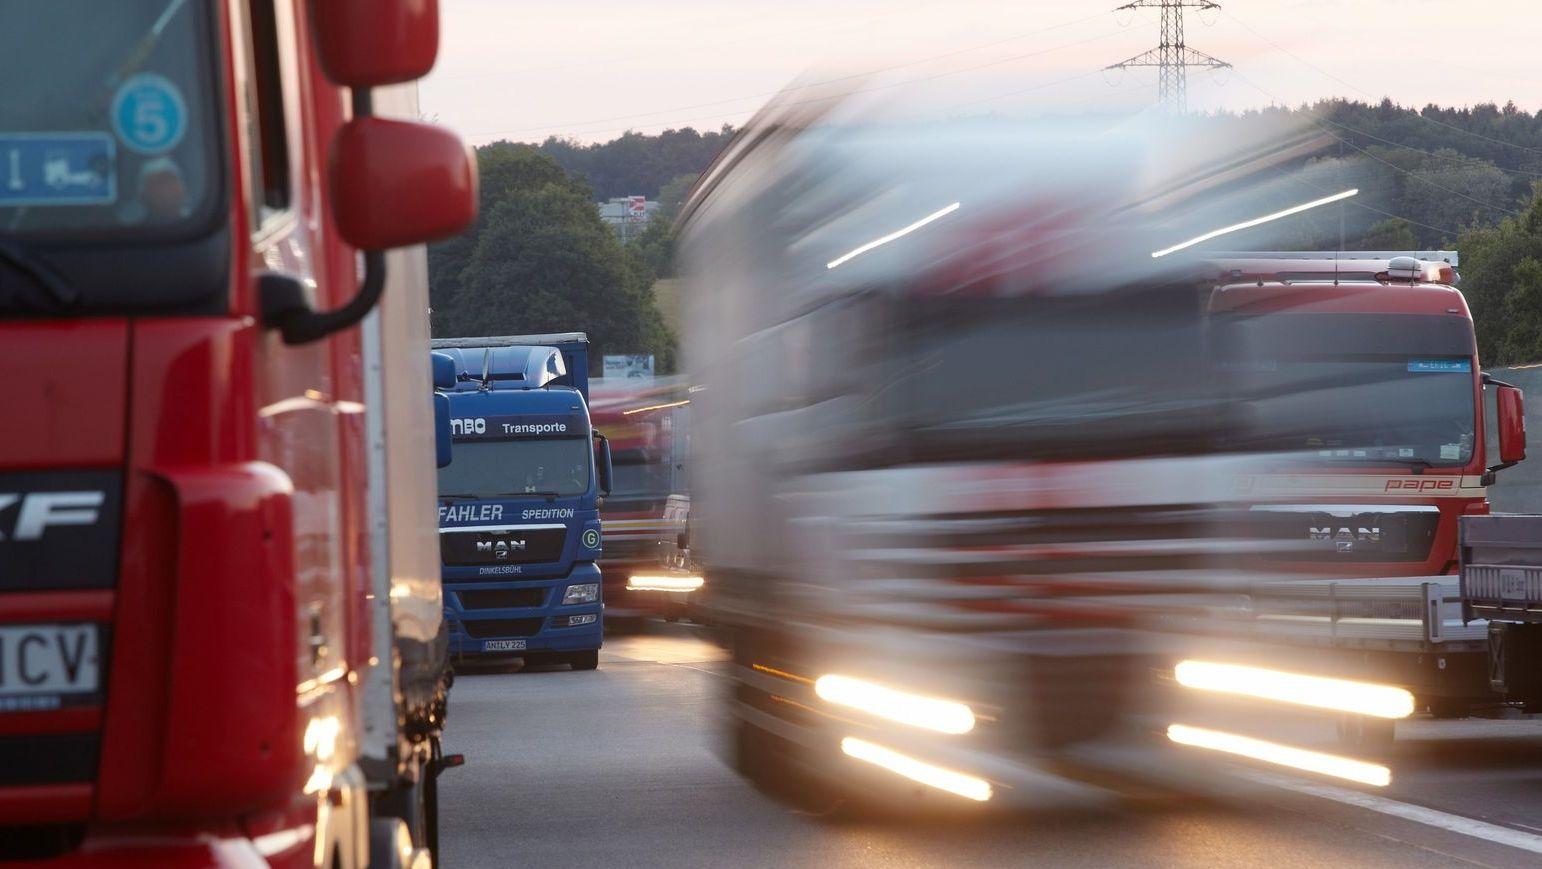 Lastwagen parken an der Autobahn